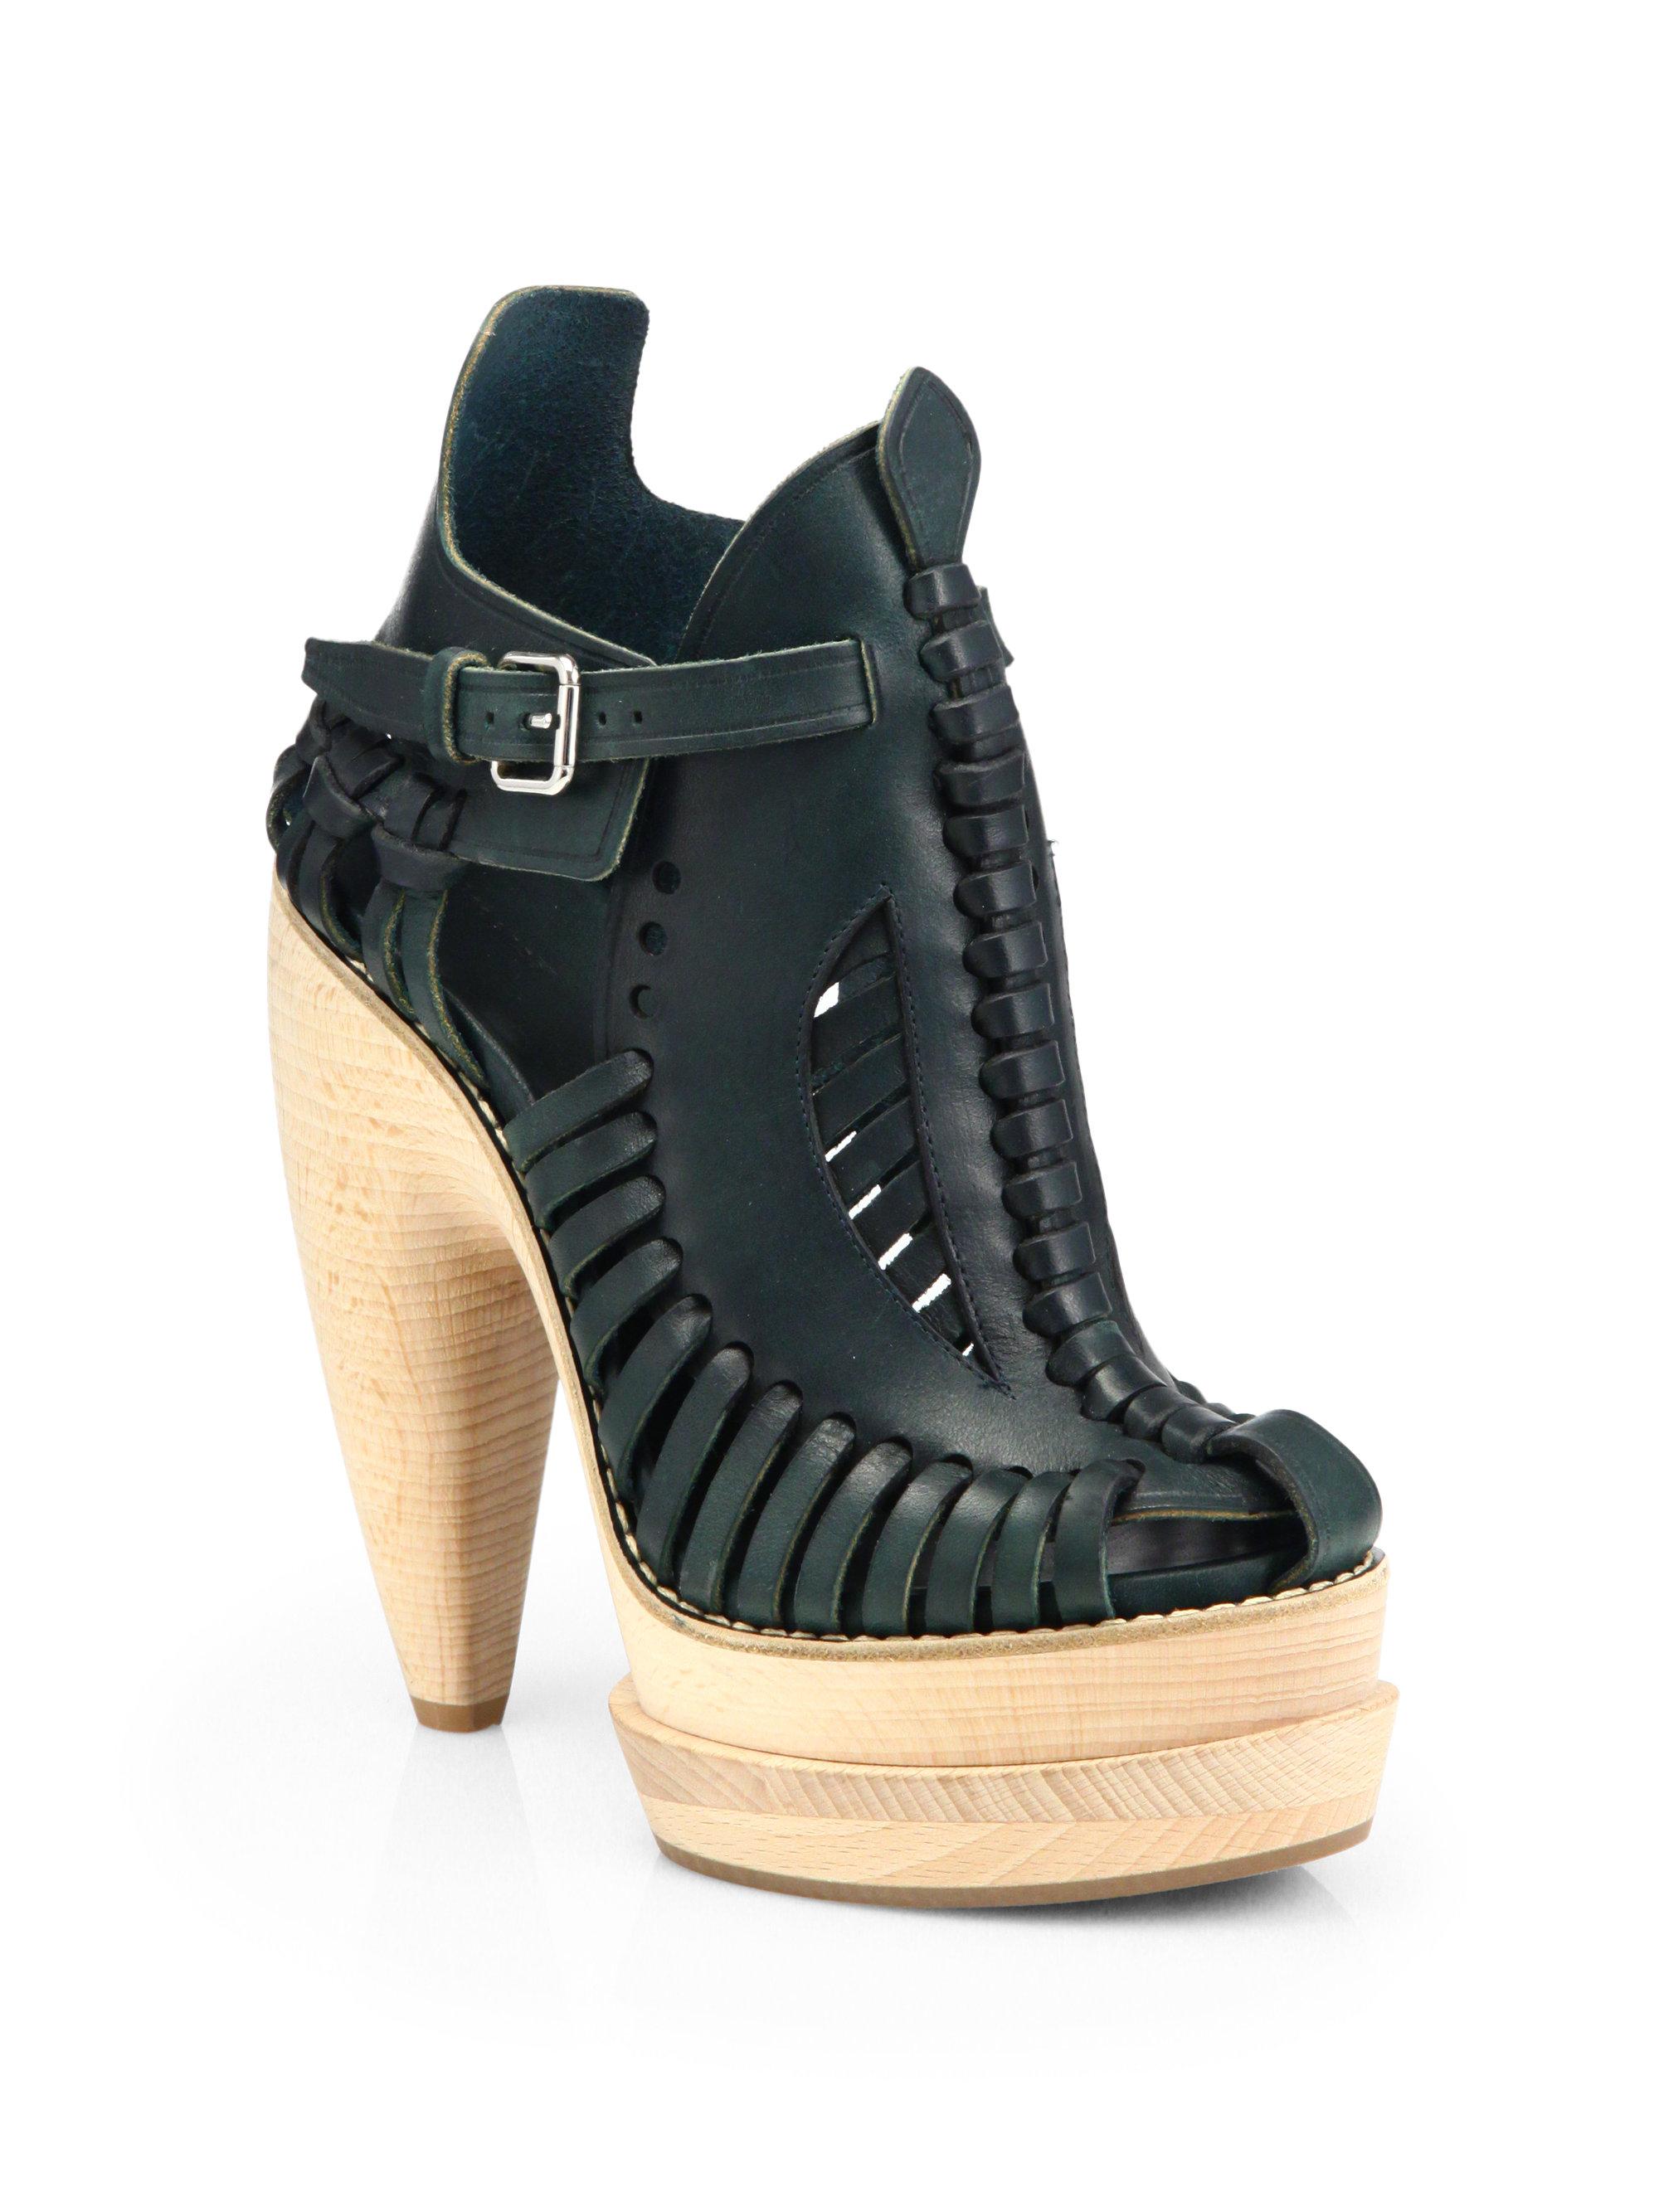 Proenza Schouler Runway Leather Wooden Platform Sandals in Black